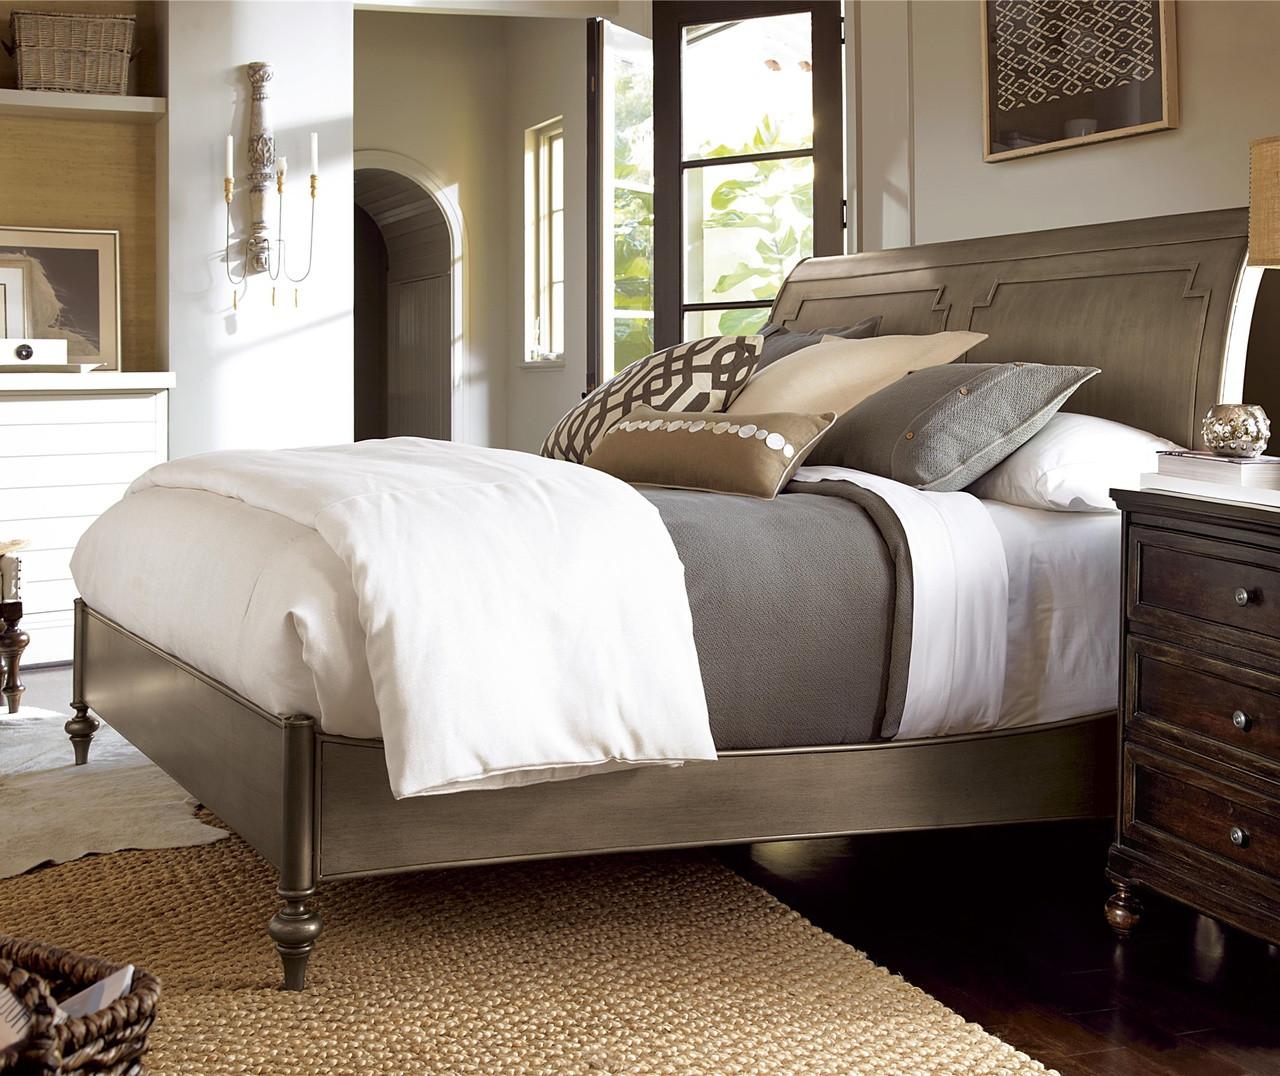 Bedroom set sleigh - Proximity Antiqued Iron Queen Sleigh Bedroom Set